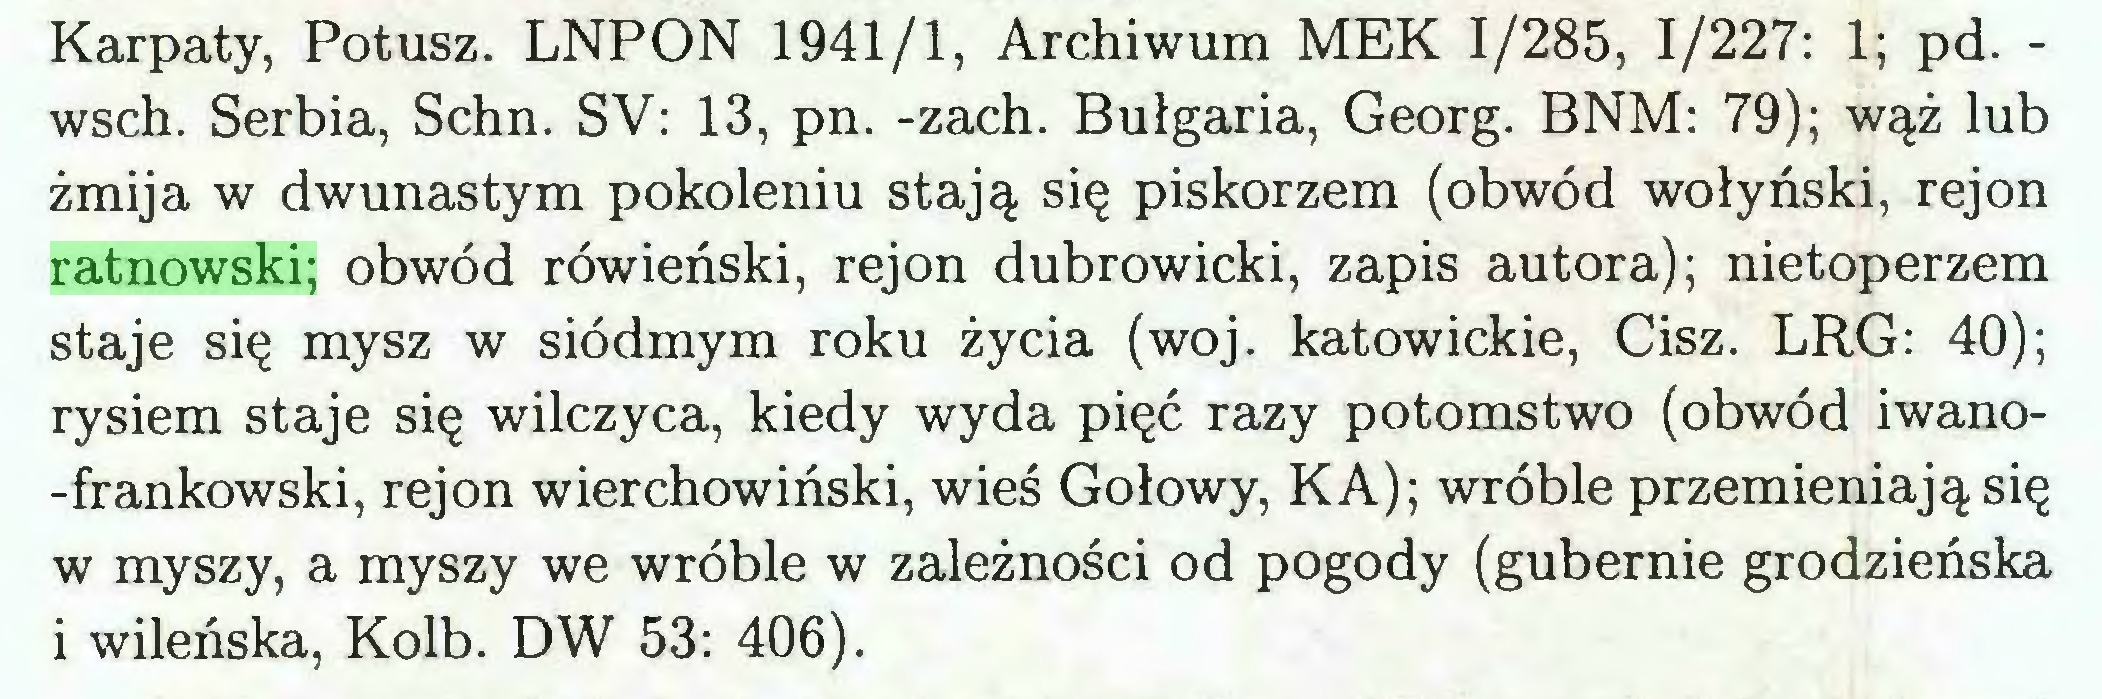 (...) Karpaty, Potusz. LNPON 1941/1, Archiwum MEK 1/285, 1/227: 1; pd. wsch. Serbia, Schn. SV: 13, pn. -zach. Bułgaria, Georg. BNM: 79); wąż lub żmija w dwunastym pokoleniu stają się piskorzem (obwód wołyński, rejon ratnowski; obwód rówieński, rejon dubrowicki, zapis autora); nietoperzem staje się mysz w siódmym roku życia (woj. katowickie, Cisz. LRG: 40); rysiem staje się wilczyca, kiedy wyda pięć razy potomstwo (obwód iwano-frankowski, rejon wierchowiński, wieś Gołowy, KA); wróble przemieniają się w myszy, a myszy we wróble w zależności od pogody (gubernie grodzieńska i wileńska, Kolb. DW 53: 406)...